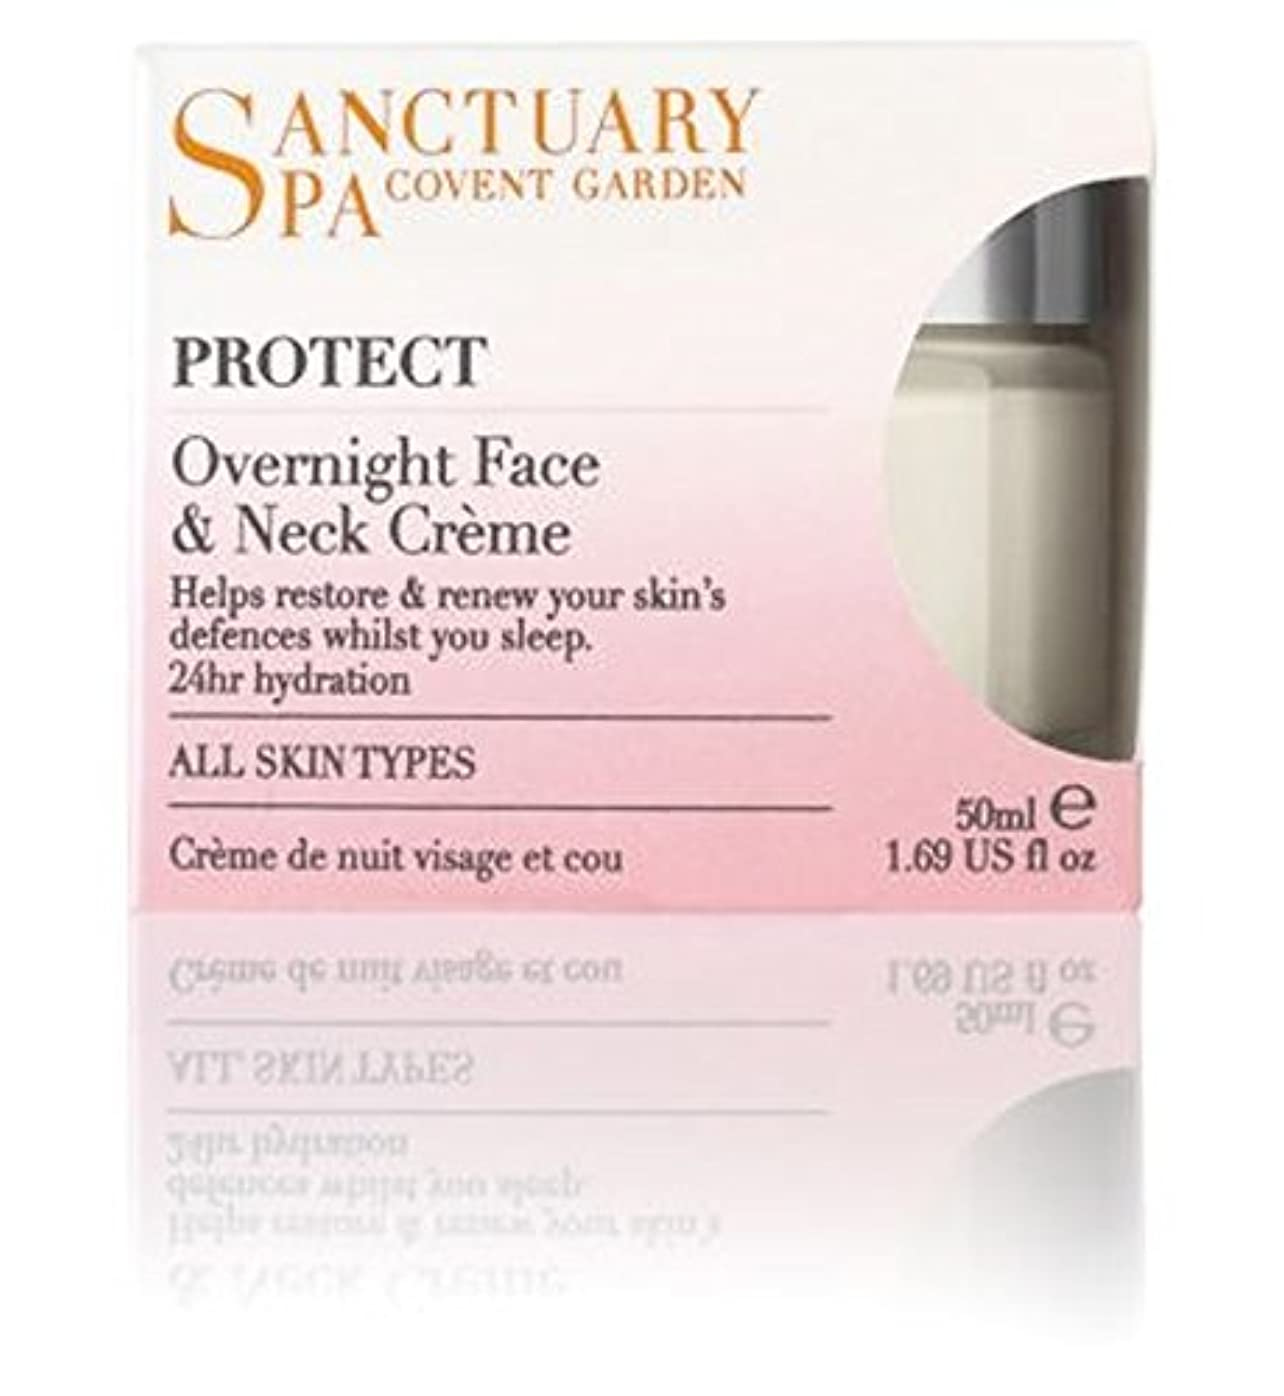 ベース滴下迫害聖域スパ一夜顔&ネッククリームの50ミリリットル (Sanctuary) (x2) - Sanctuary Spa Overnight Face & Neck Cr?me 50ml (Pack of 2) [並行輸入品]